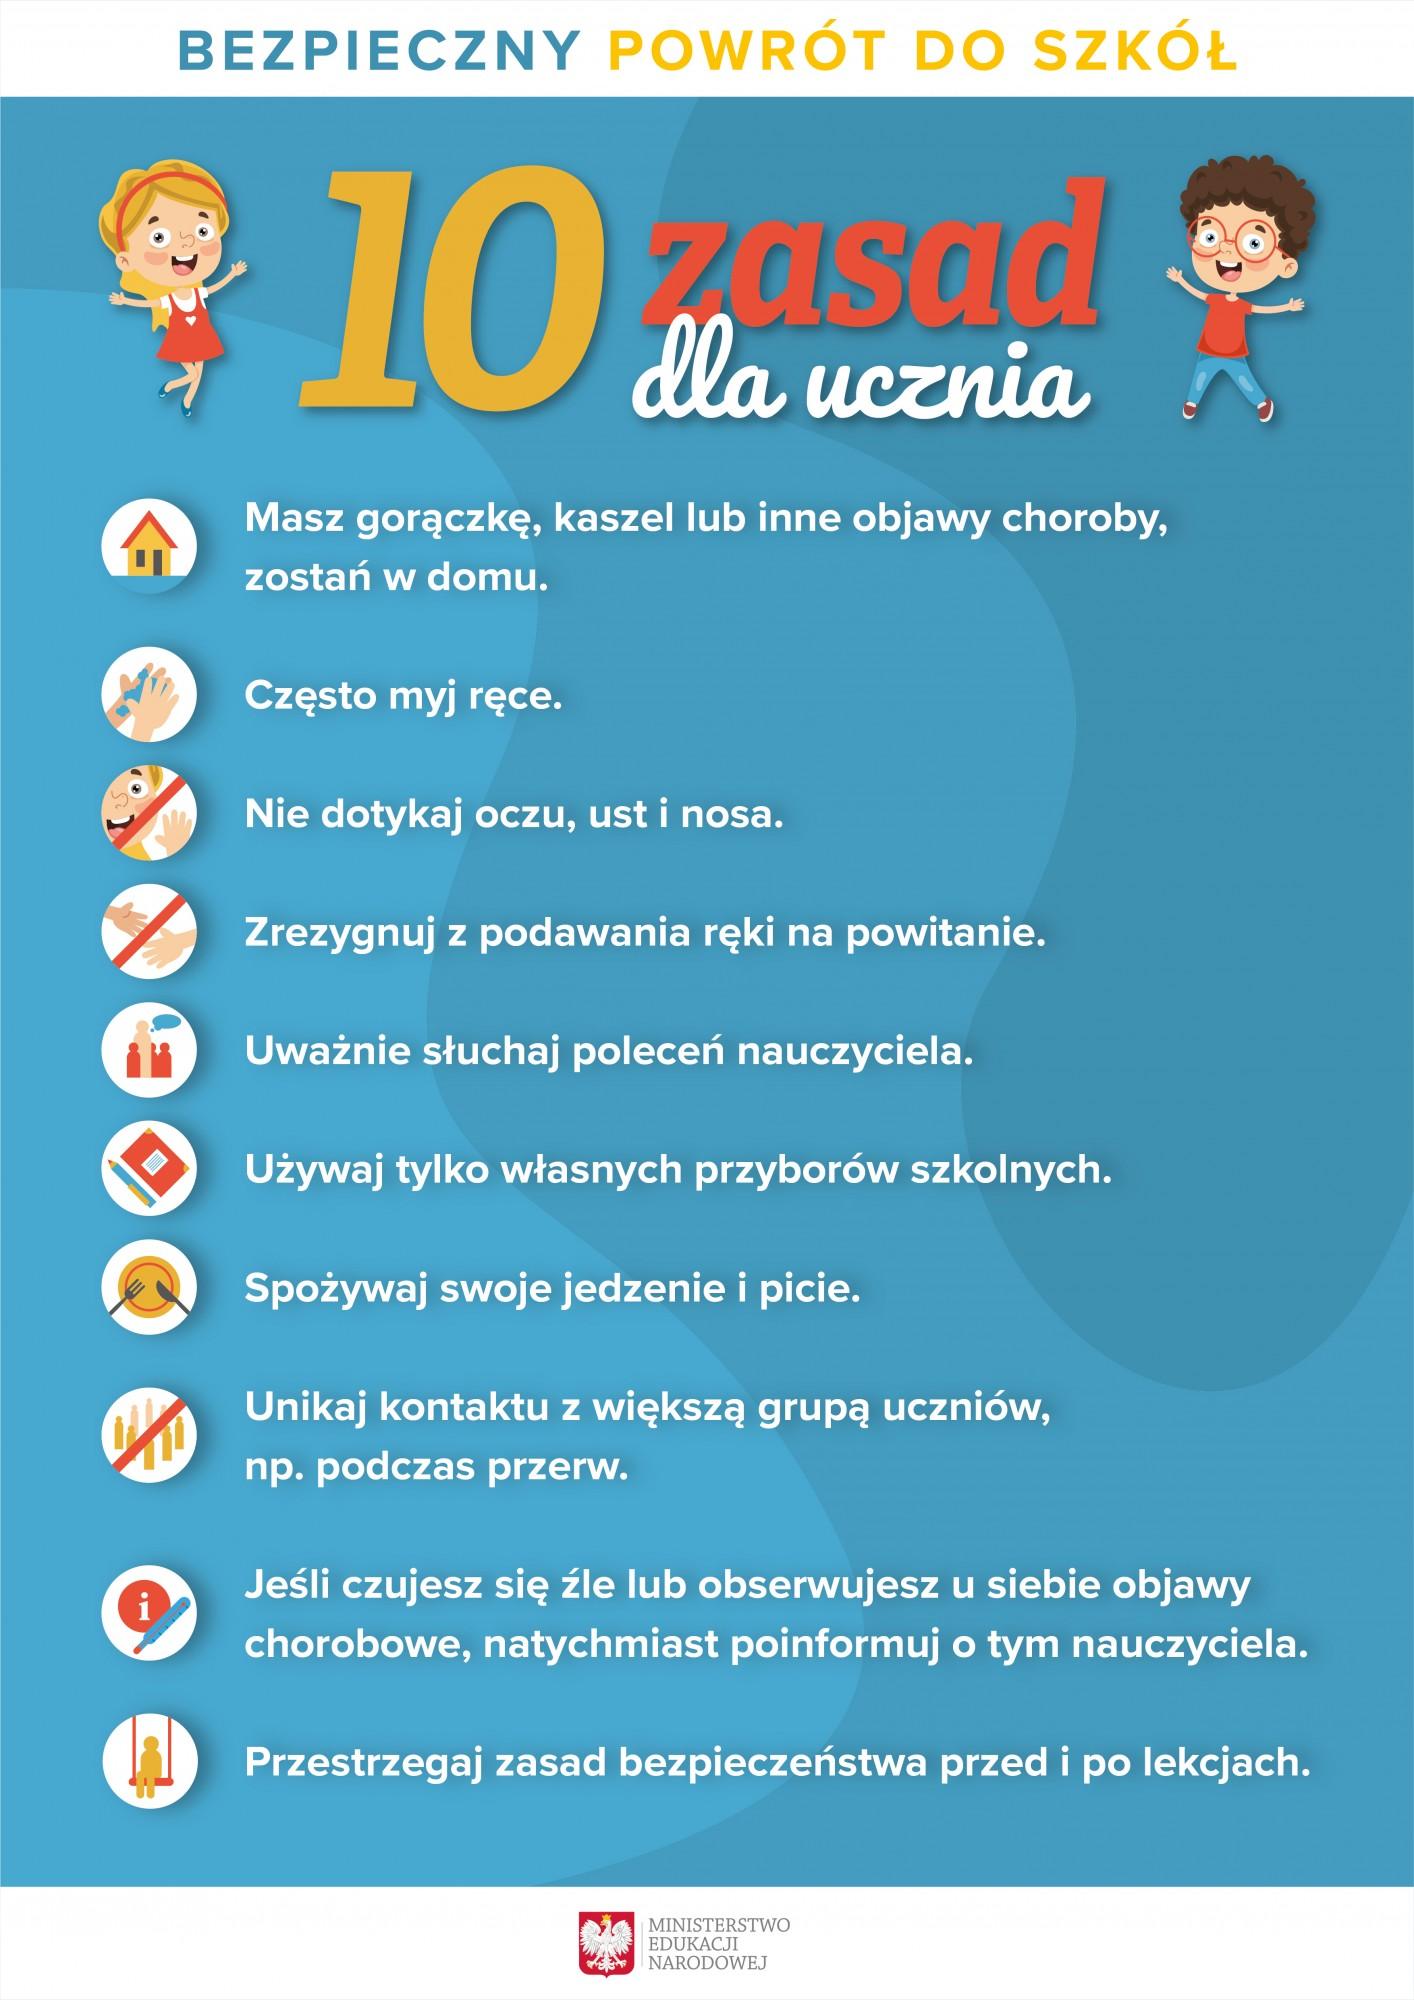 http://www.kopernik.rzeszow.pl/upload/pliki/zdj%C4%99cia%202020_2021/10_zasad_dla_ucznia.jpeg